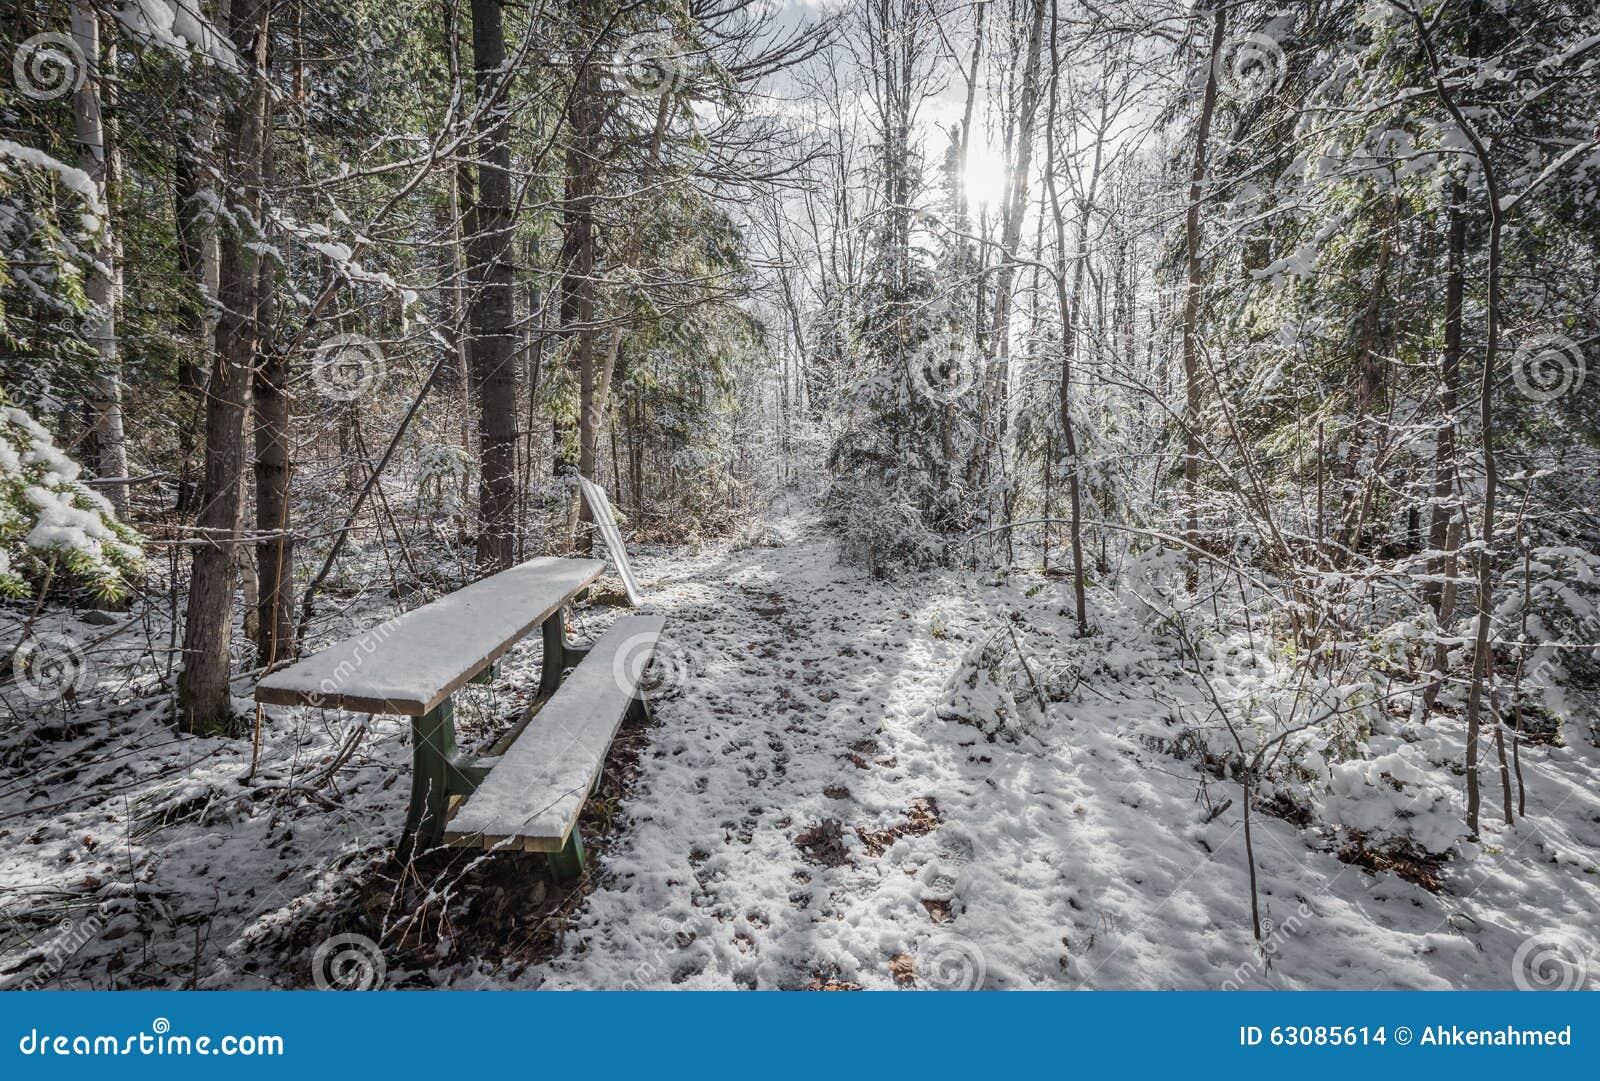 Download Banc dans les bois photo stock. Image du buissons, neige - 63085614